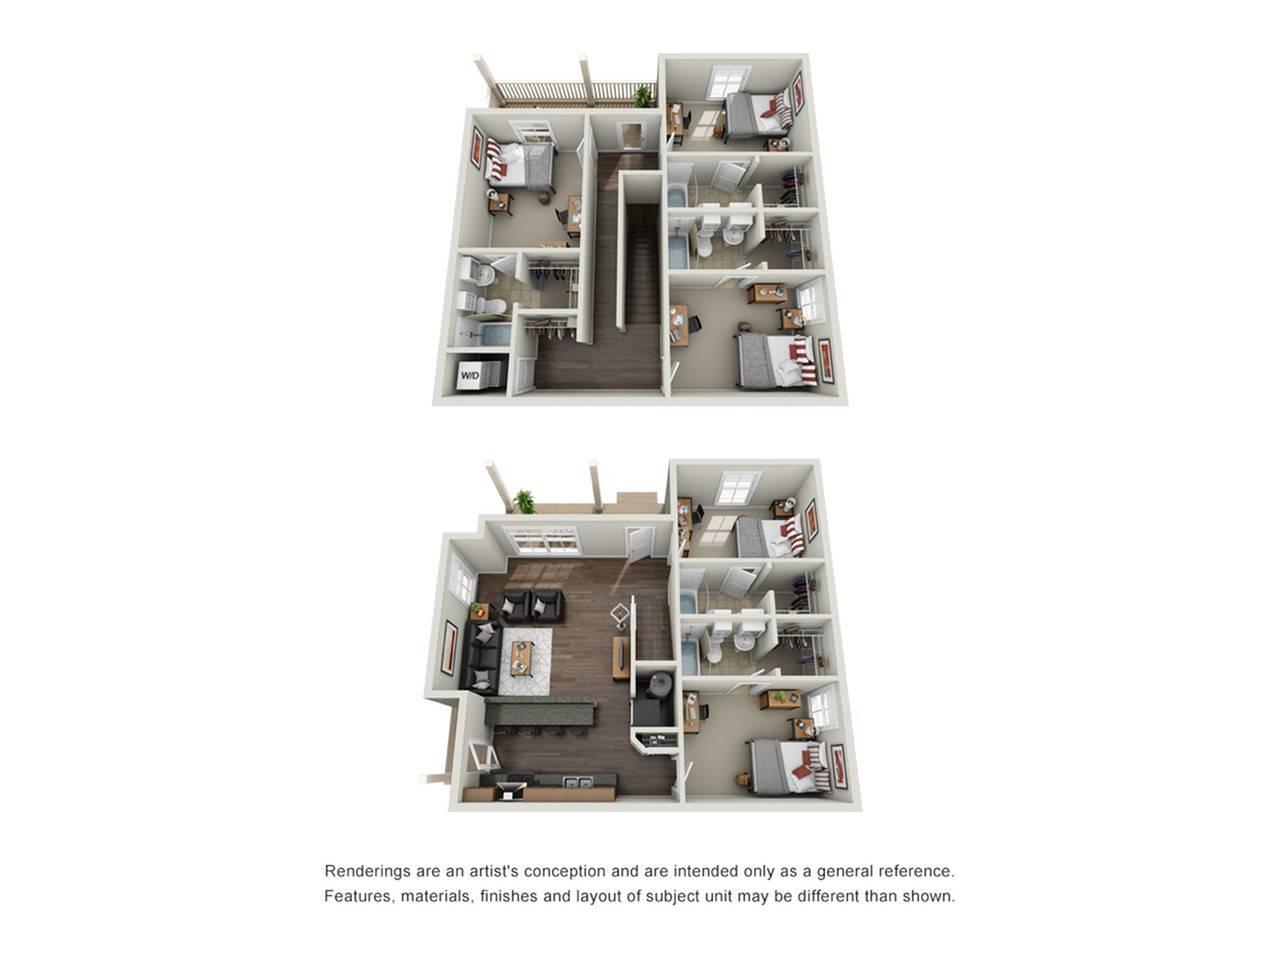 5 x 5 Duplex Furnished